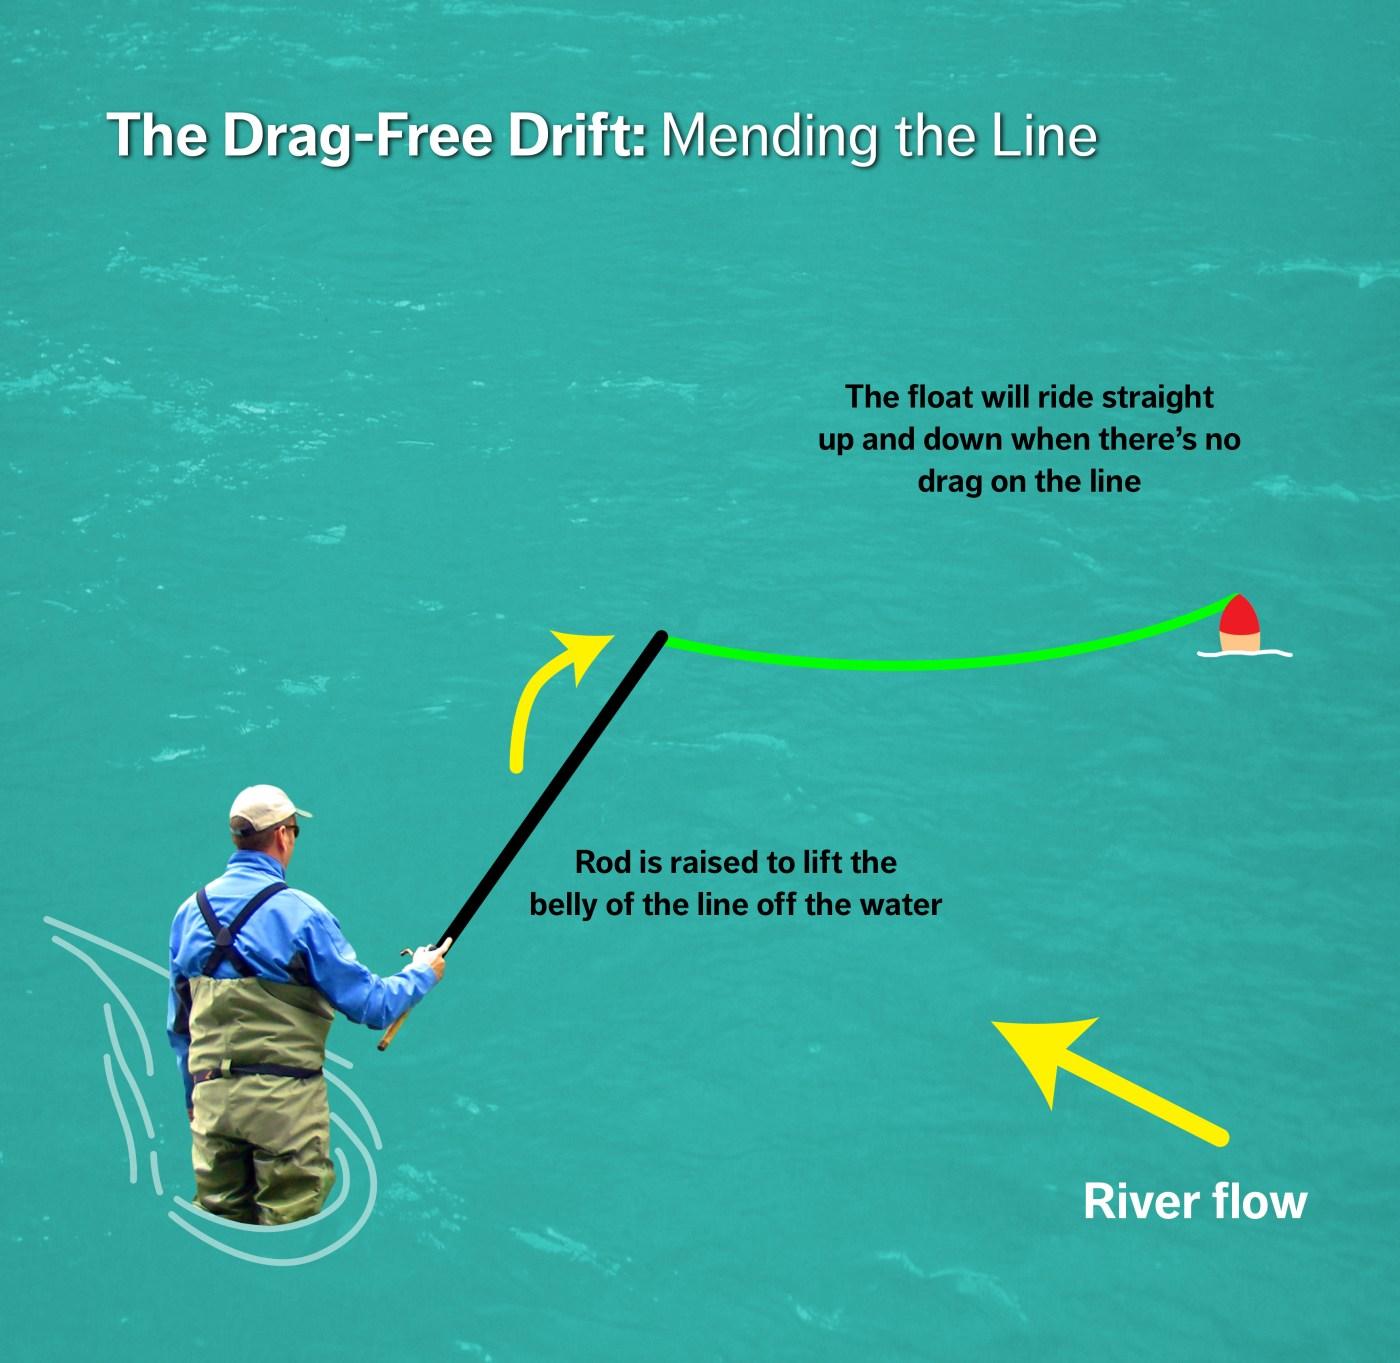 Drag Free drift - Mending the line diagram